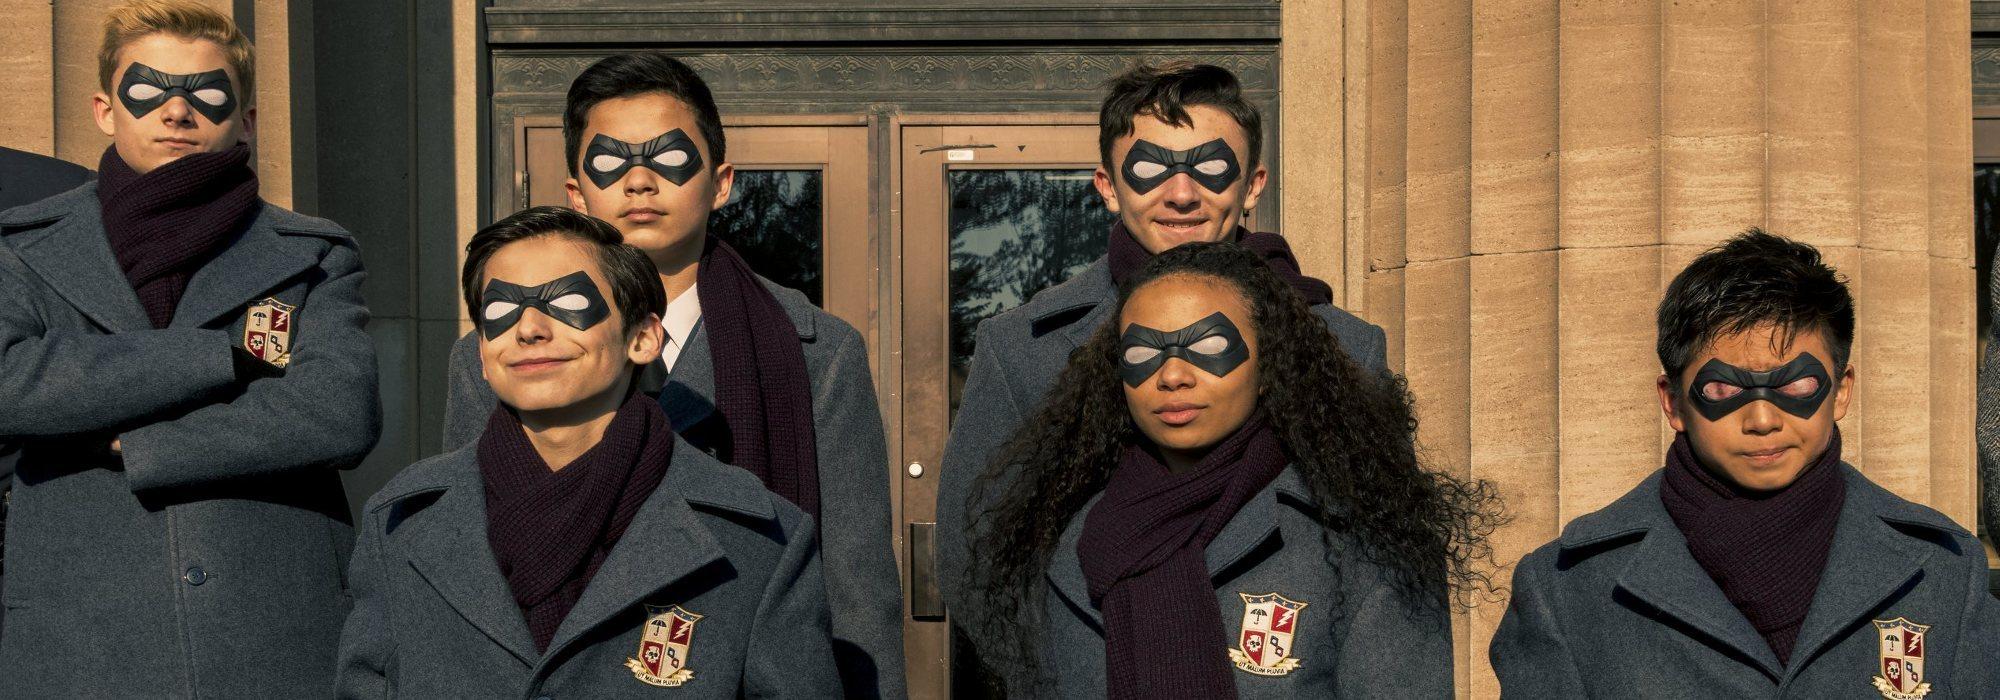 10 series en las que el superhéroe no es el bueno de la historia